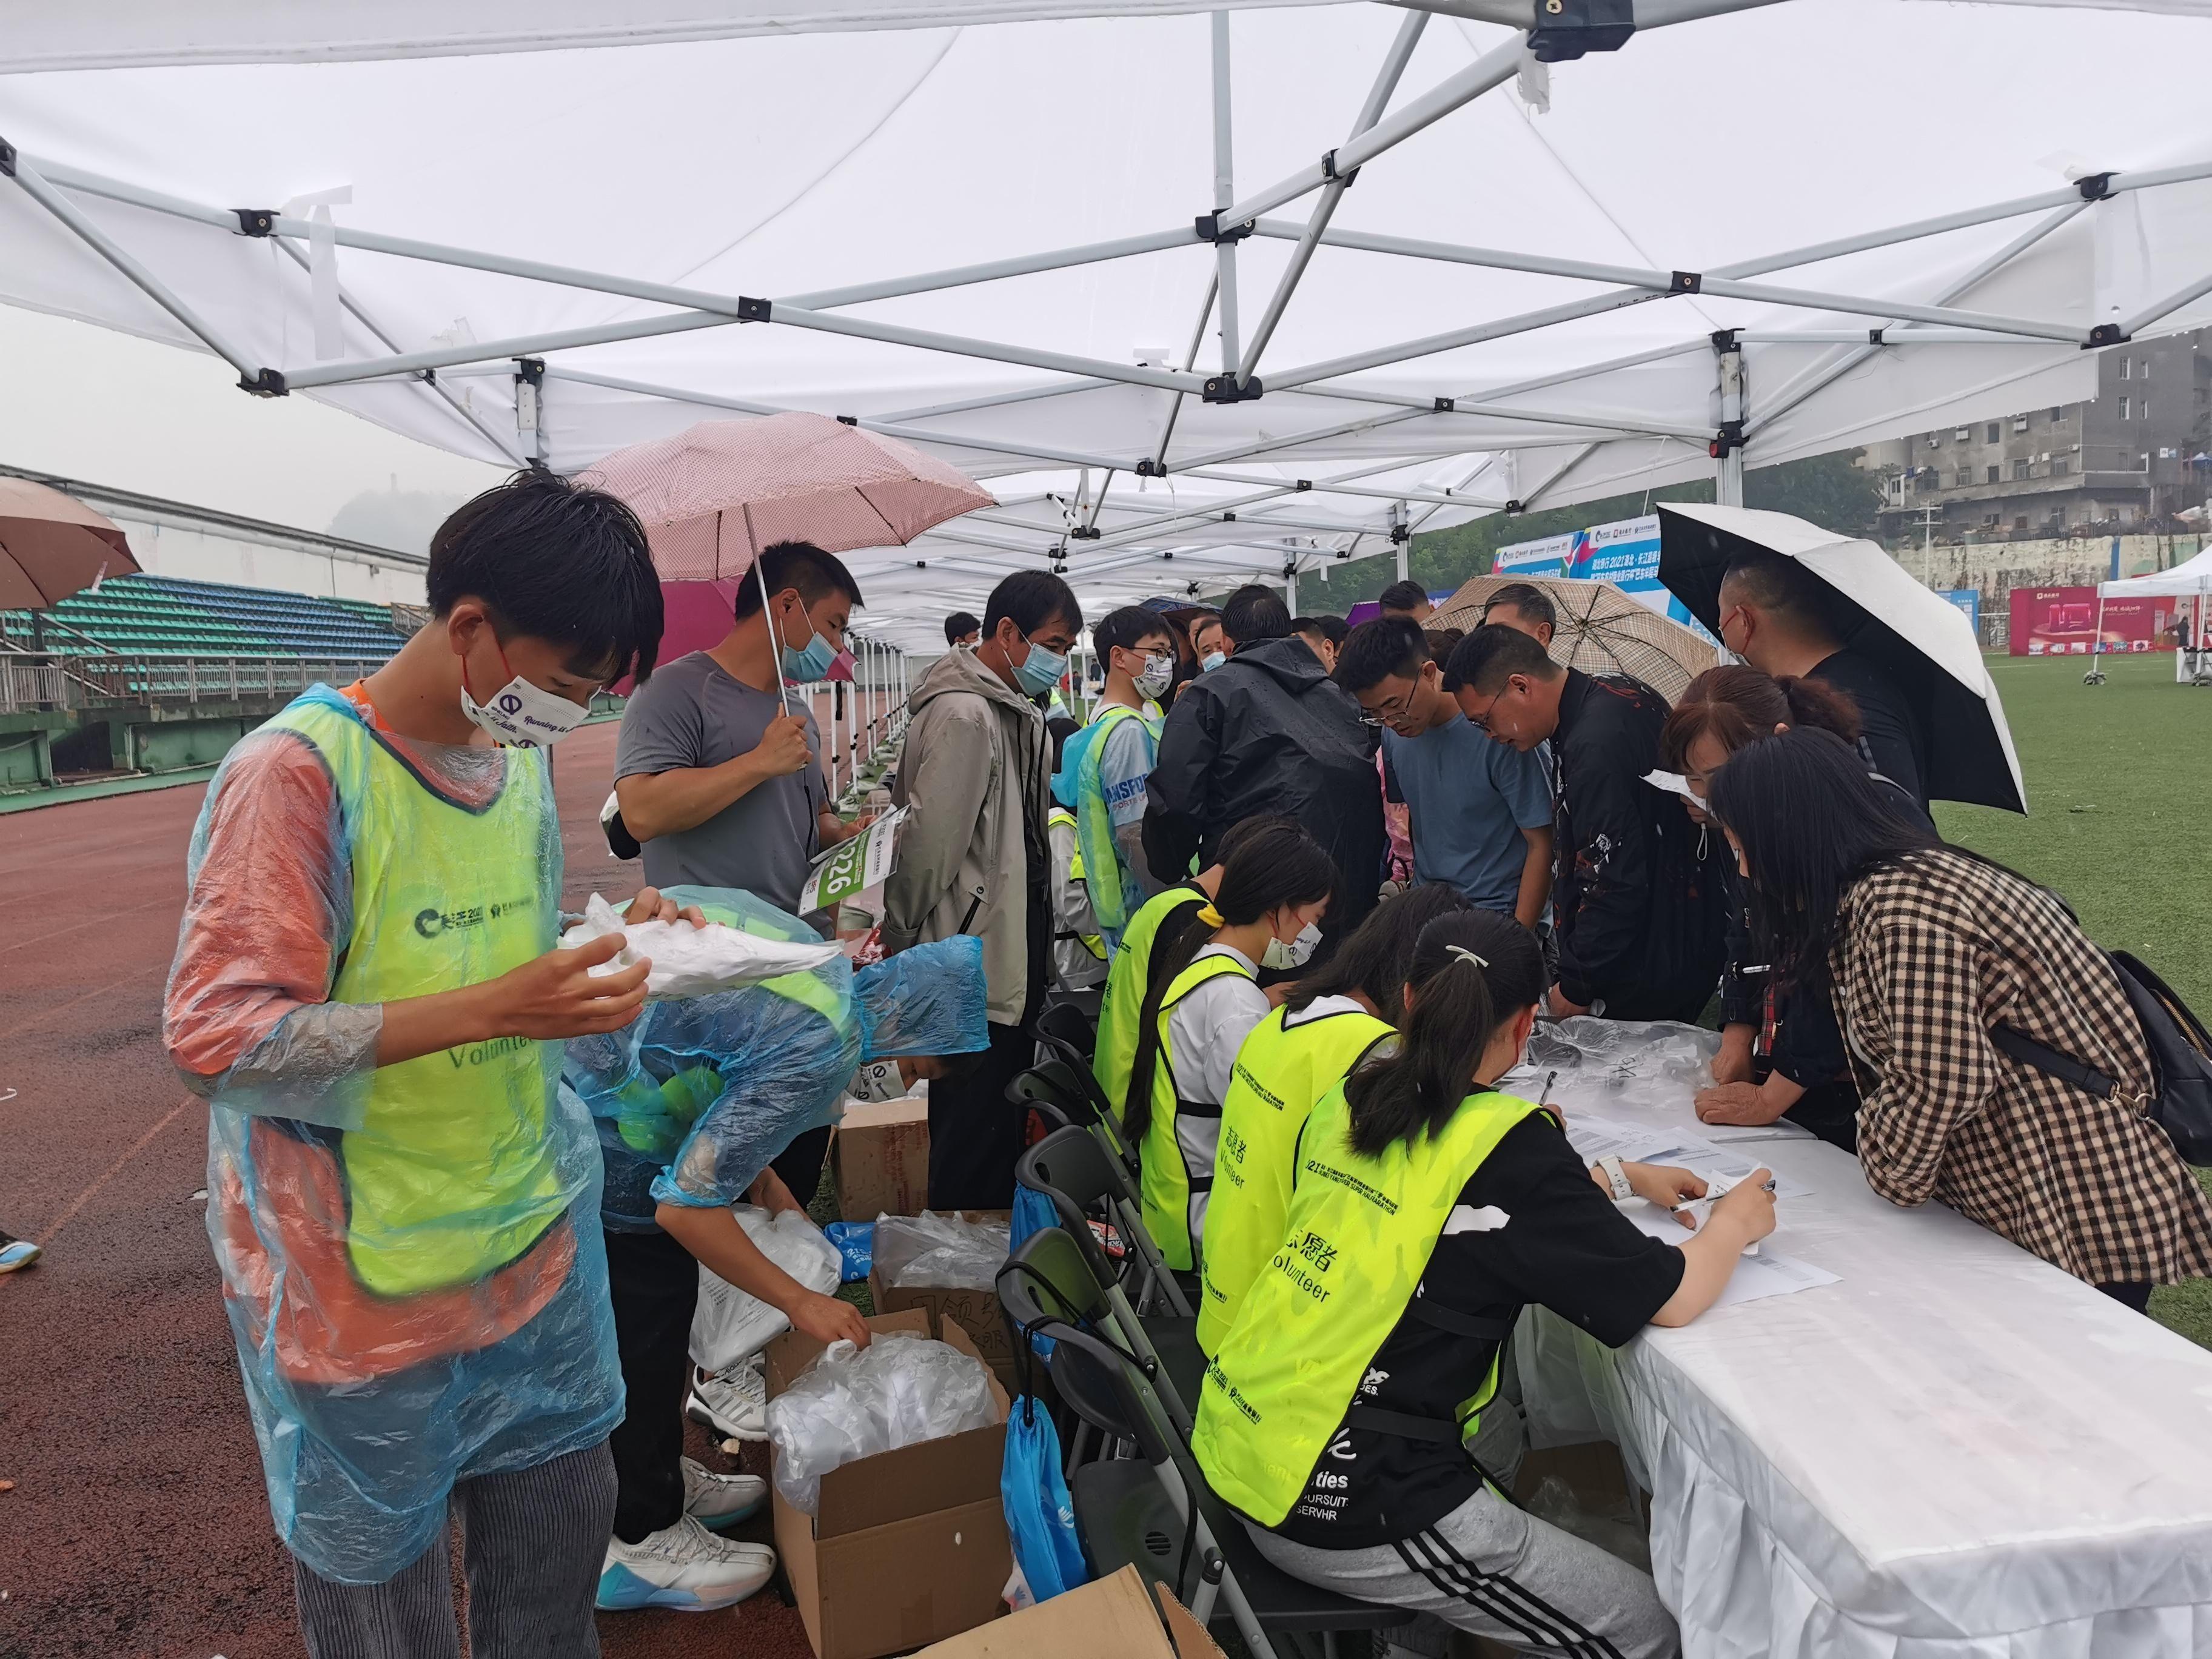 「長馬」(巴東站)倒計時兩天 參賽選手有序領取參賽包